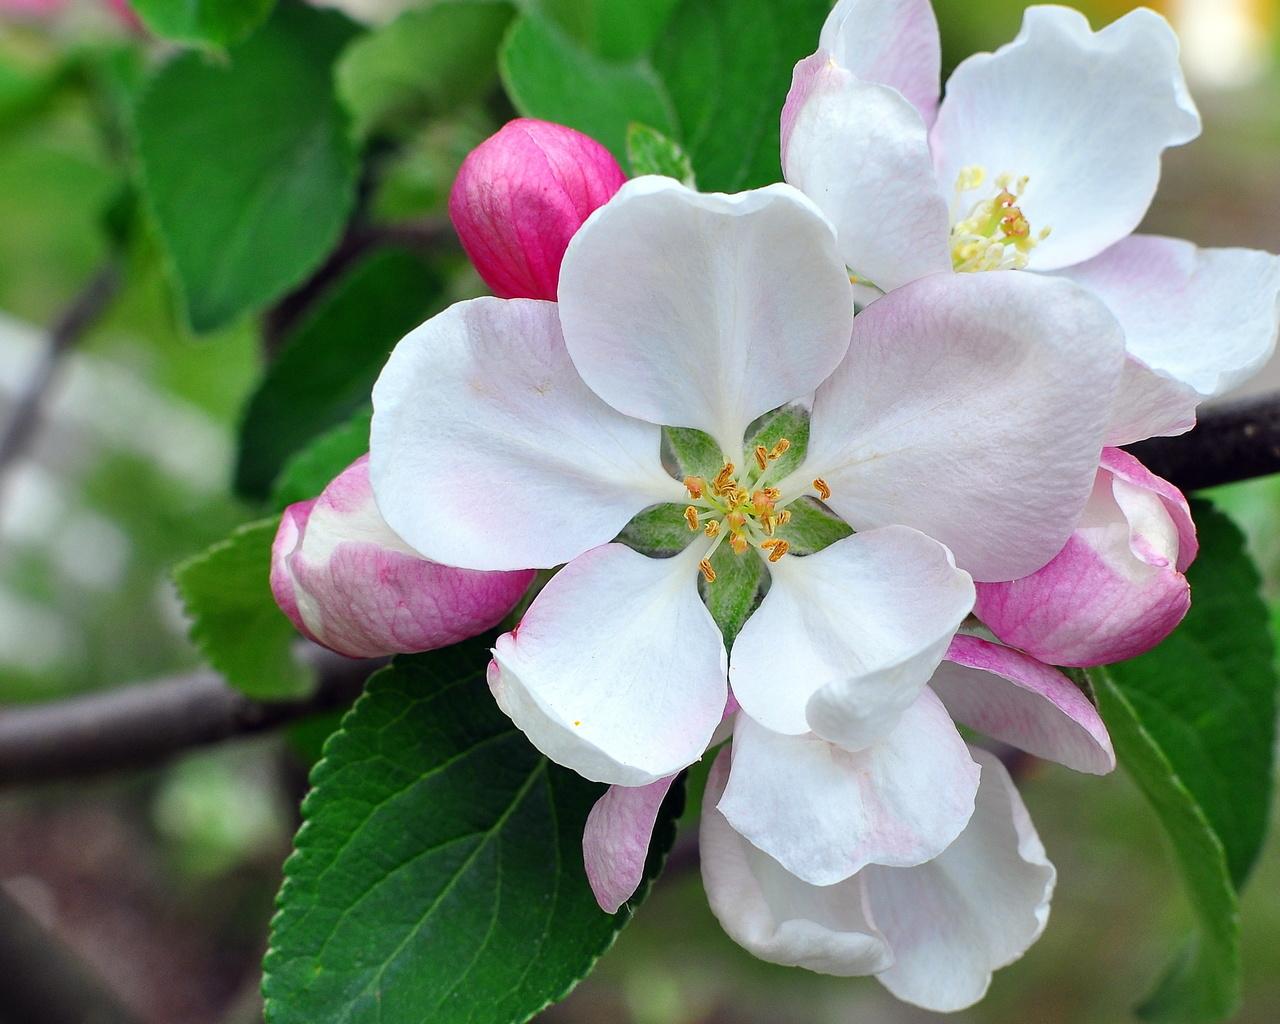 яблоня, бутоны, лепестки, цветение, ветка, макро